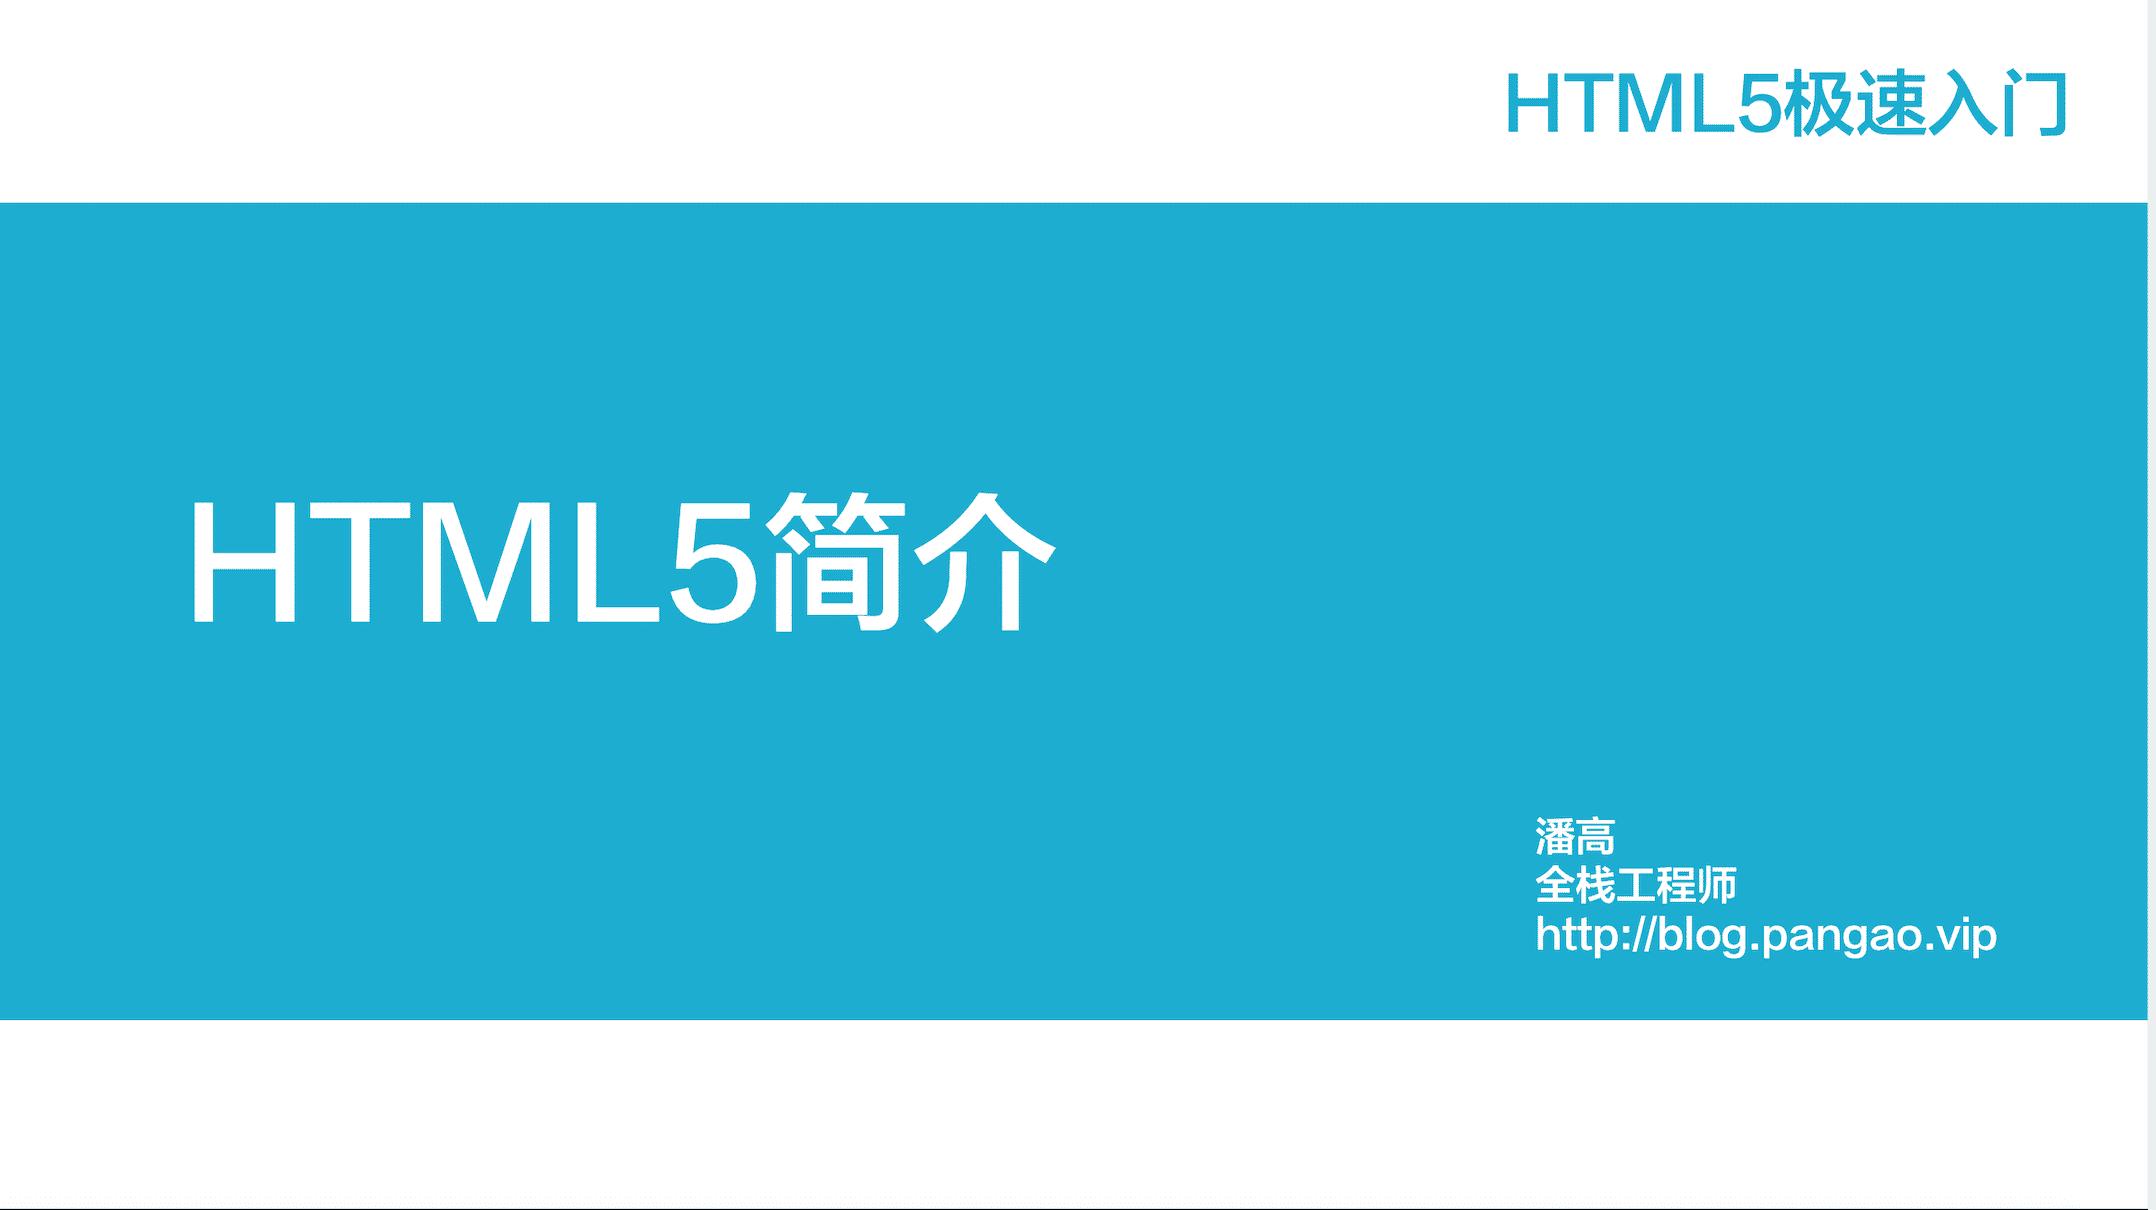 HTML5简介-HTML5极速入门